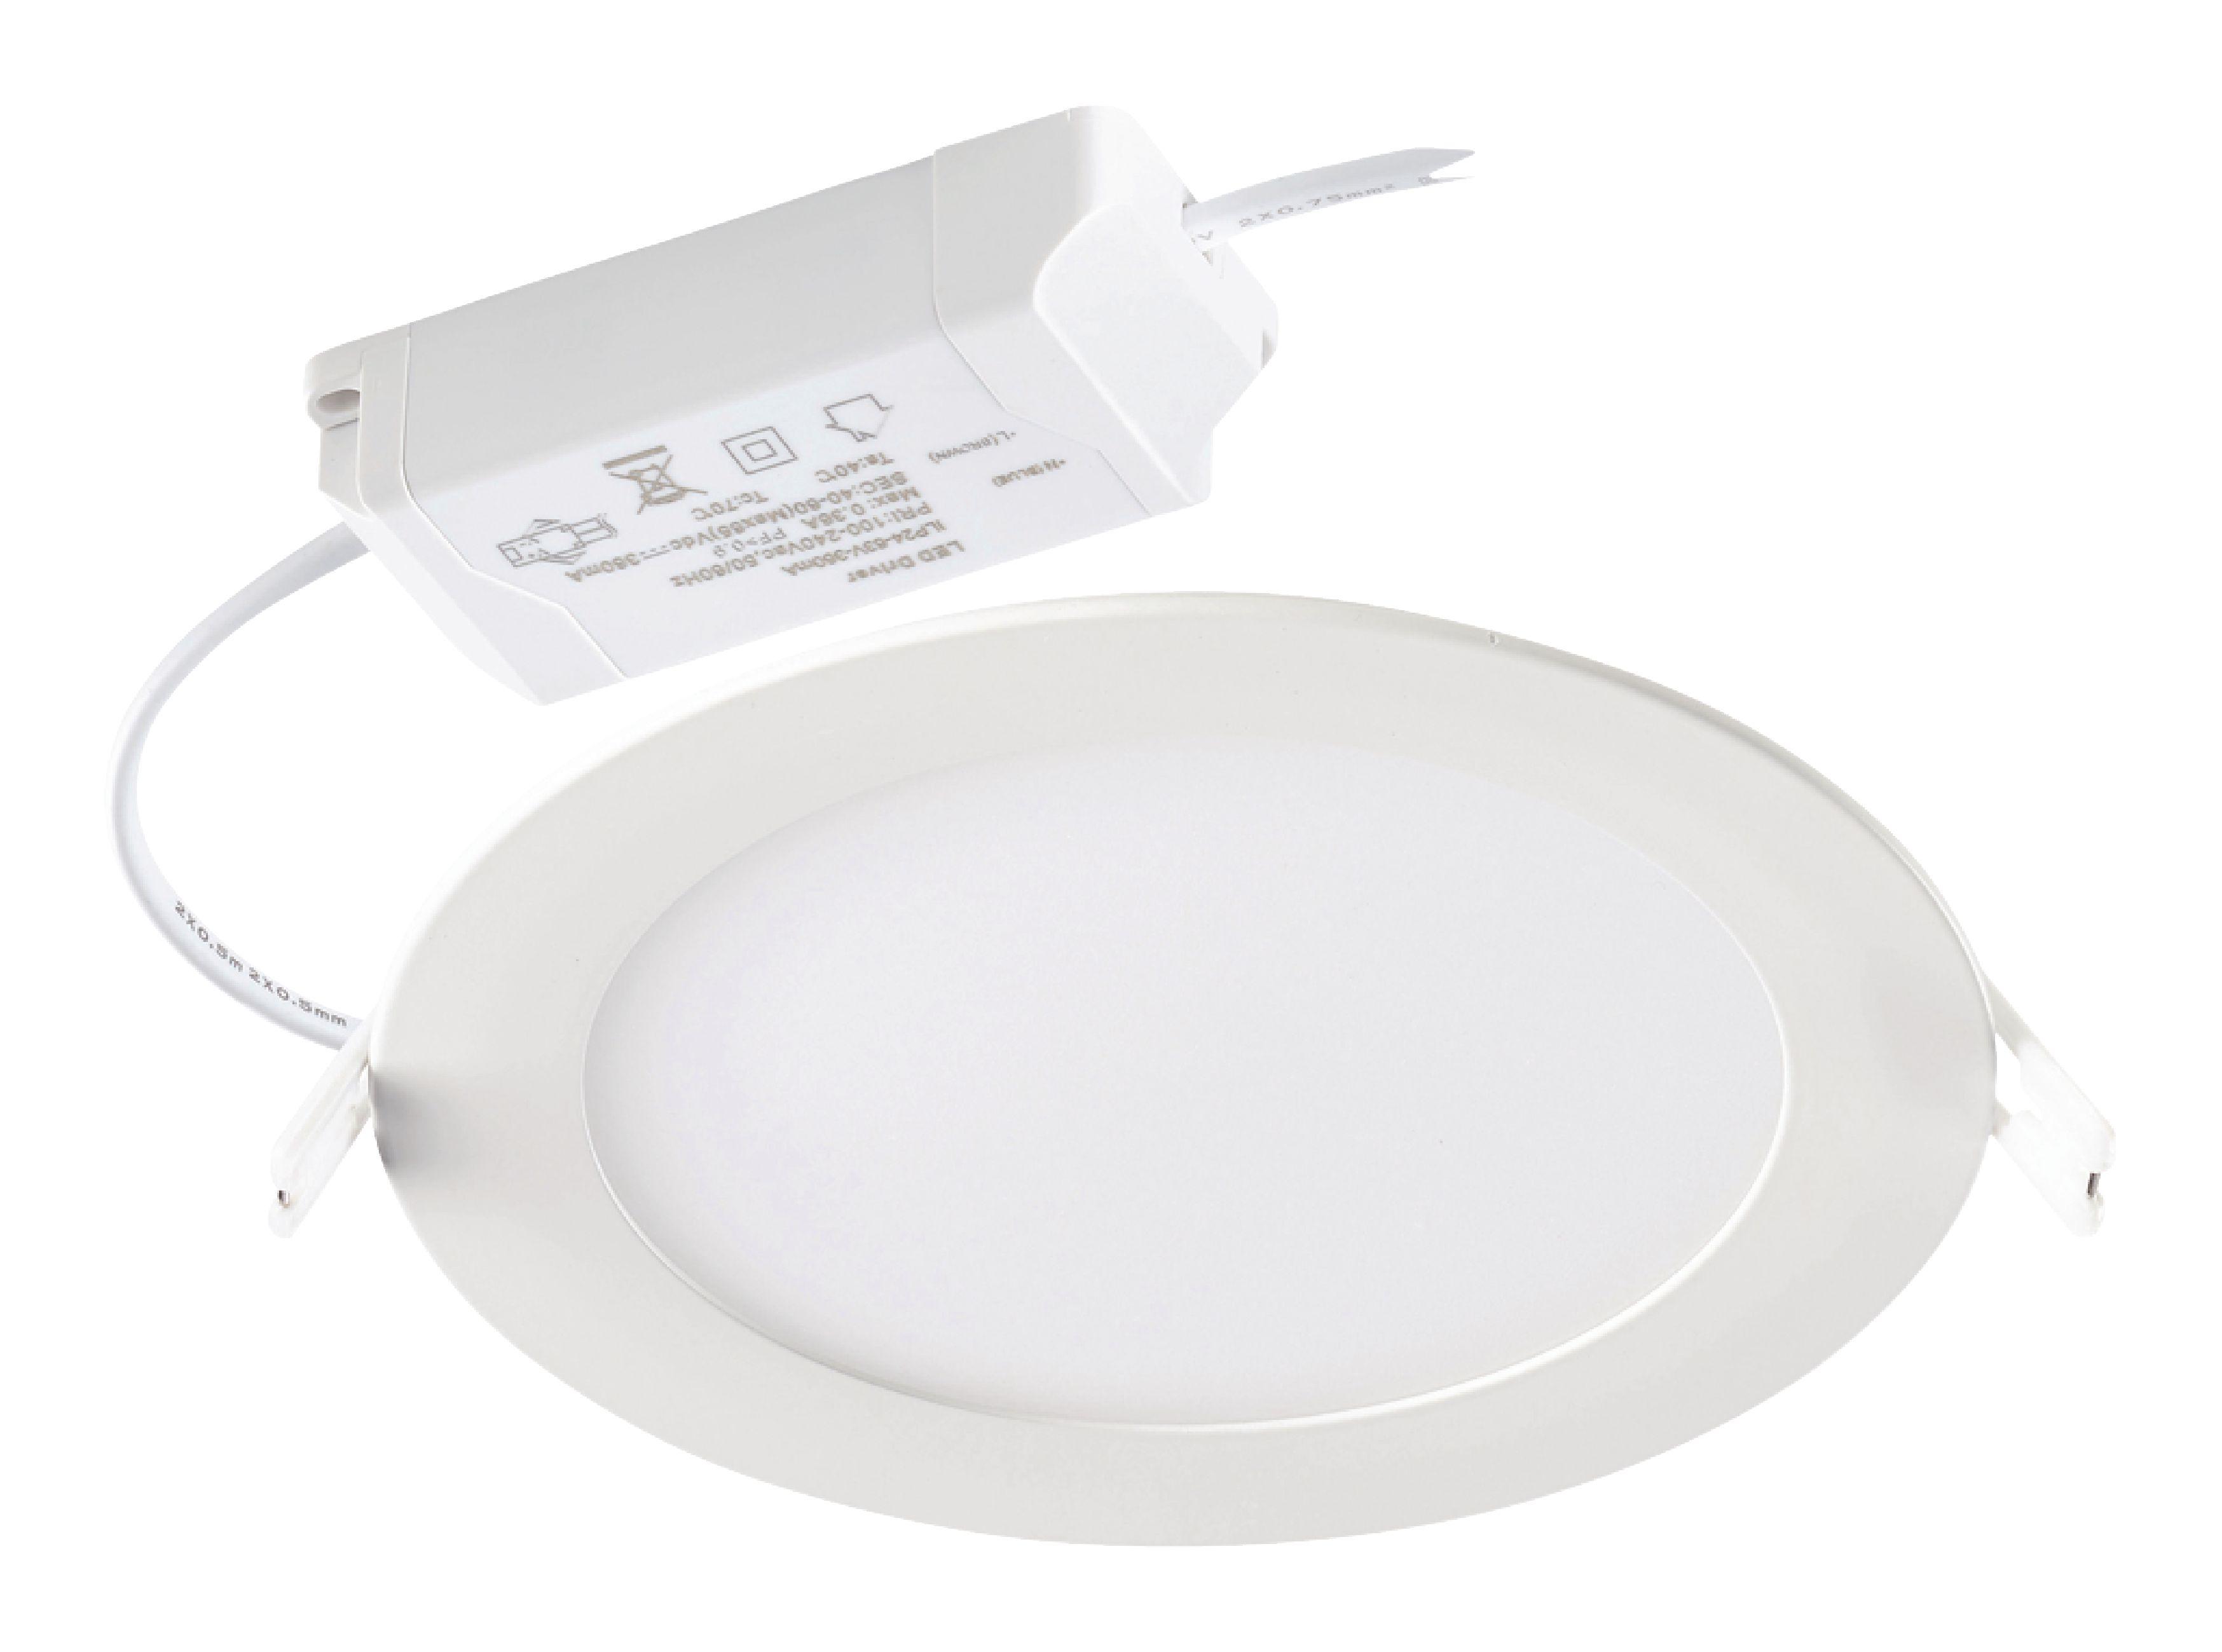 Podhledové svítidlo kulatý LED panel 12W, 4000K, 1000 lm, stmívatelné Sylvania 0053313